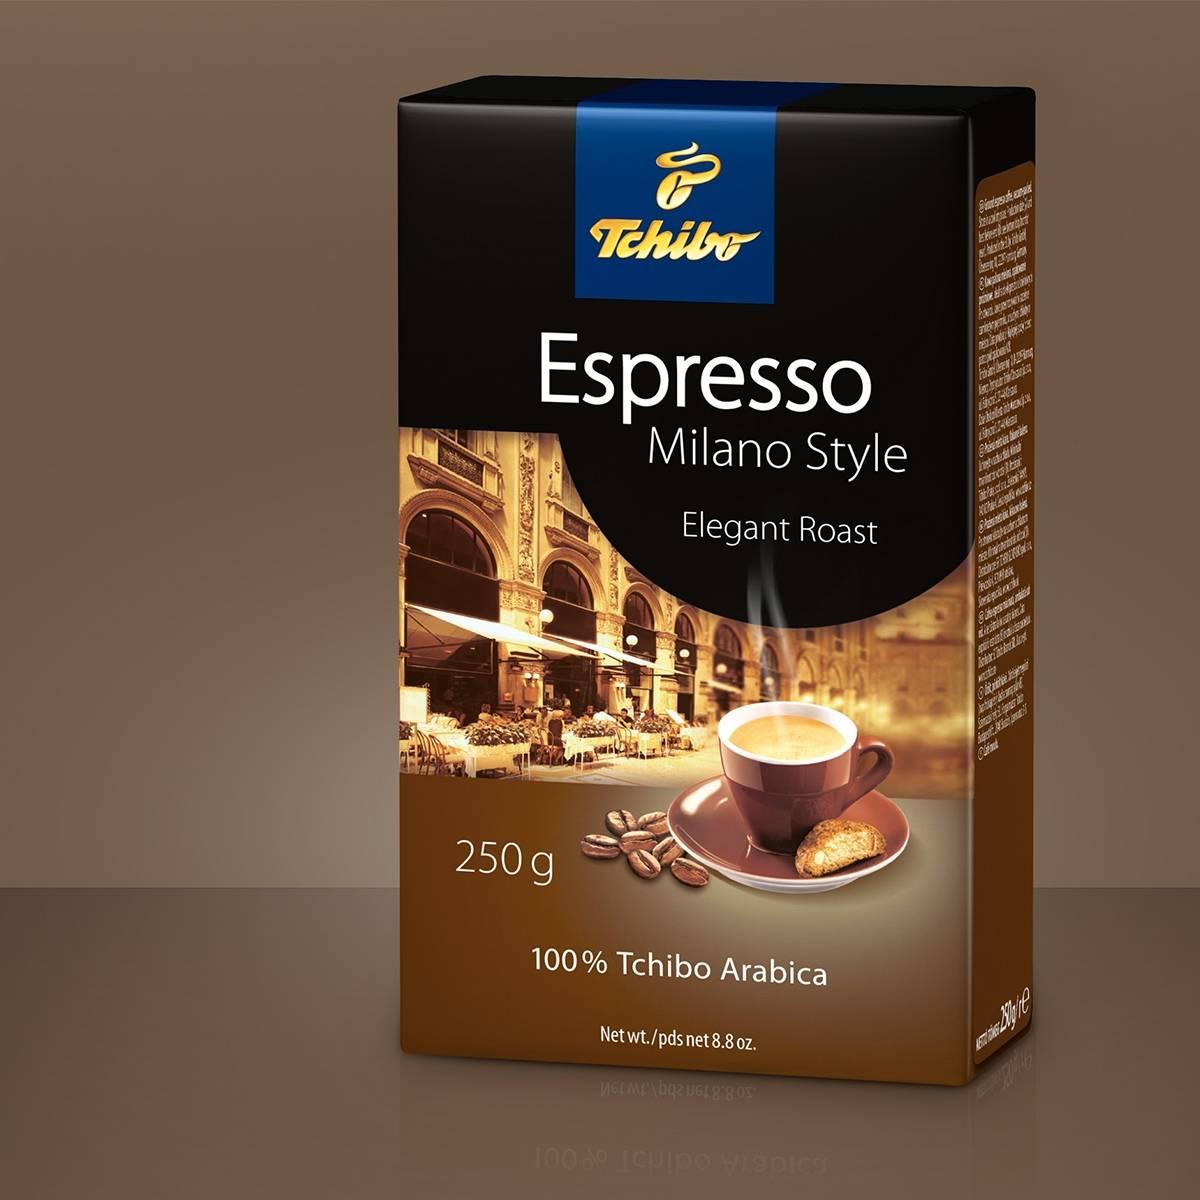 Натуральный растворимый кофе tchibo gold mokka — отзывы отрицательные. нейтральные. положительные. + оставить отзыв отрицательные отзывы igorakhsanov https://otzovik.com/review_6125824.html достоинс